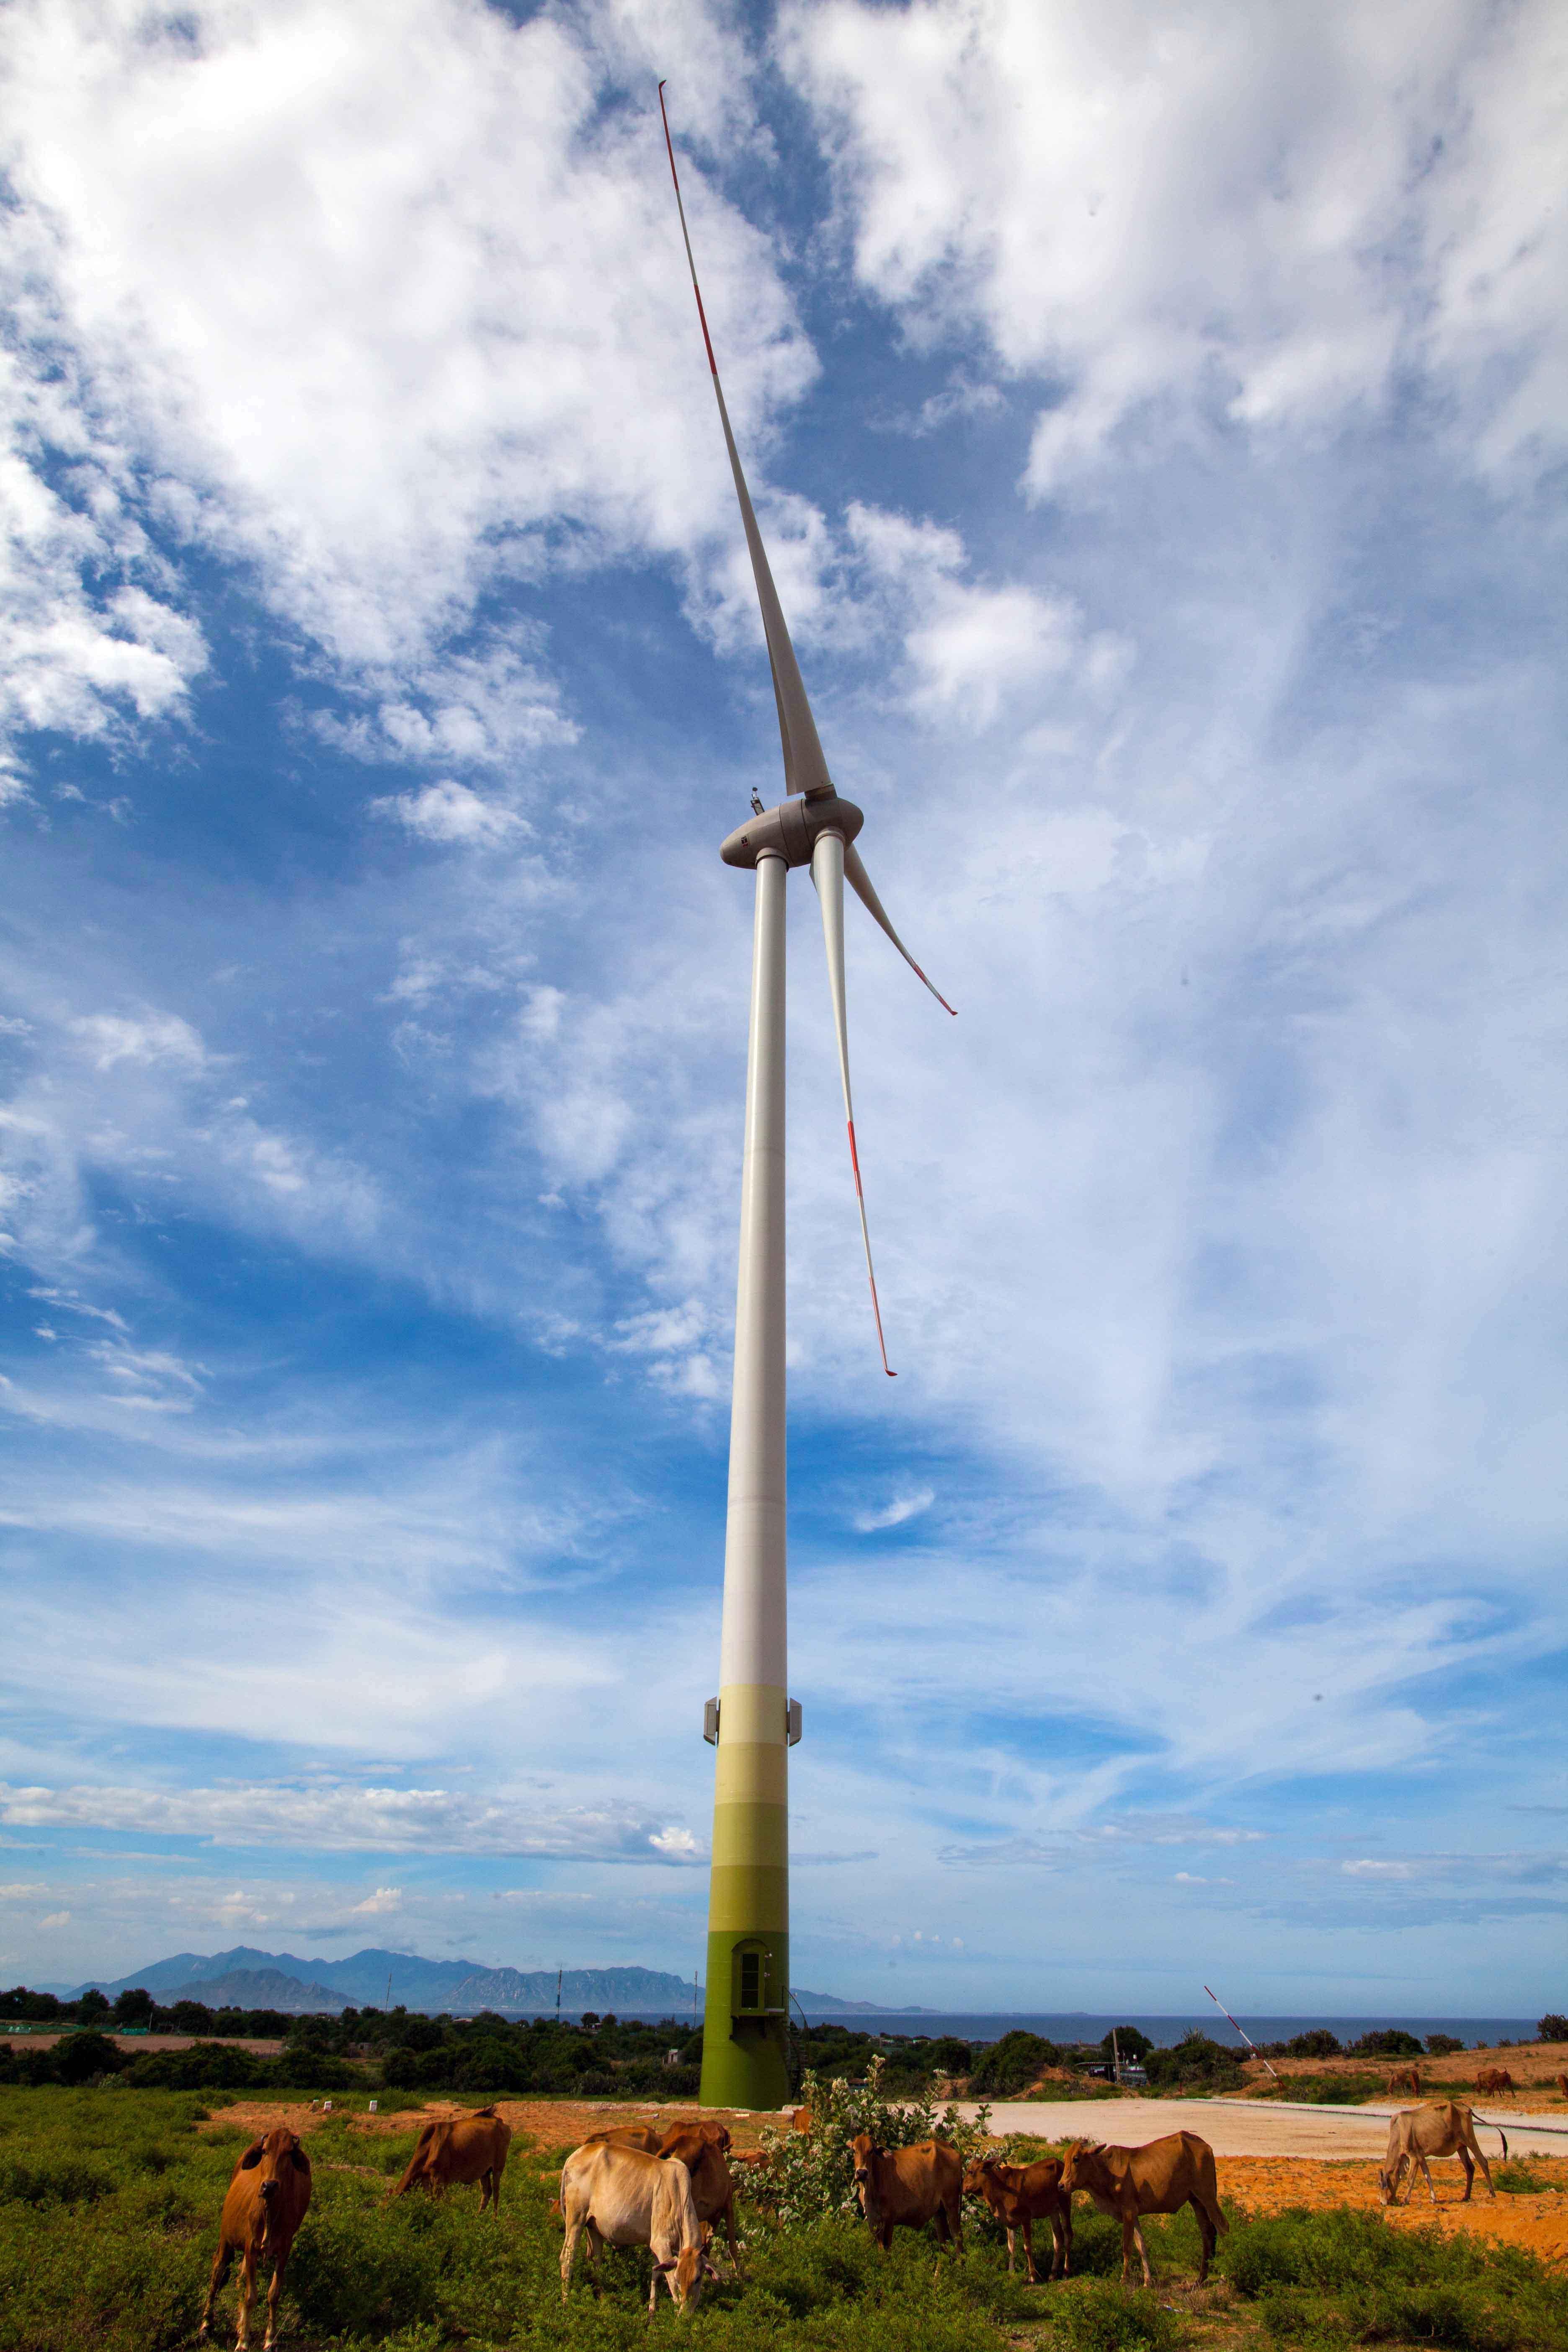 Những đàn bò, đàn dê thong dong gặm cỏ dưới chân những trụ quạt gió quay đều là điểm nhấn cho khung cảnh ấn tượng ở cánh đồng điện gió Mũi Dinh.